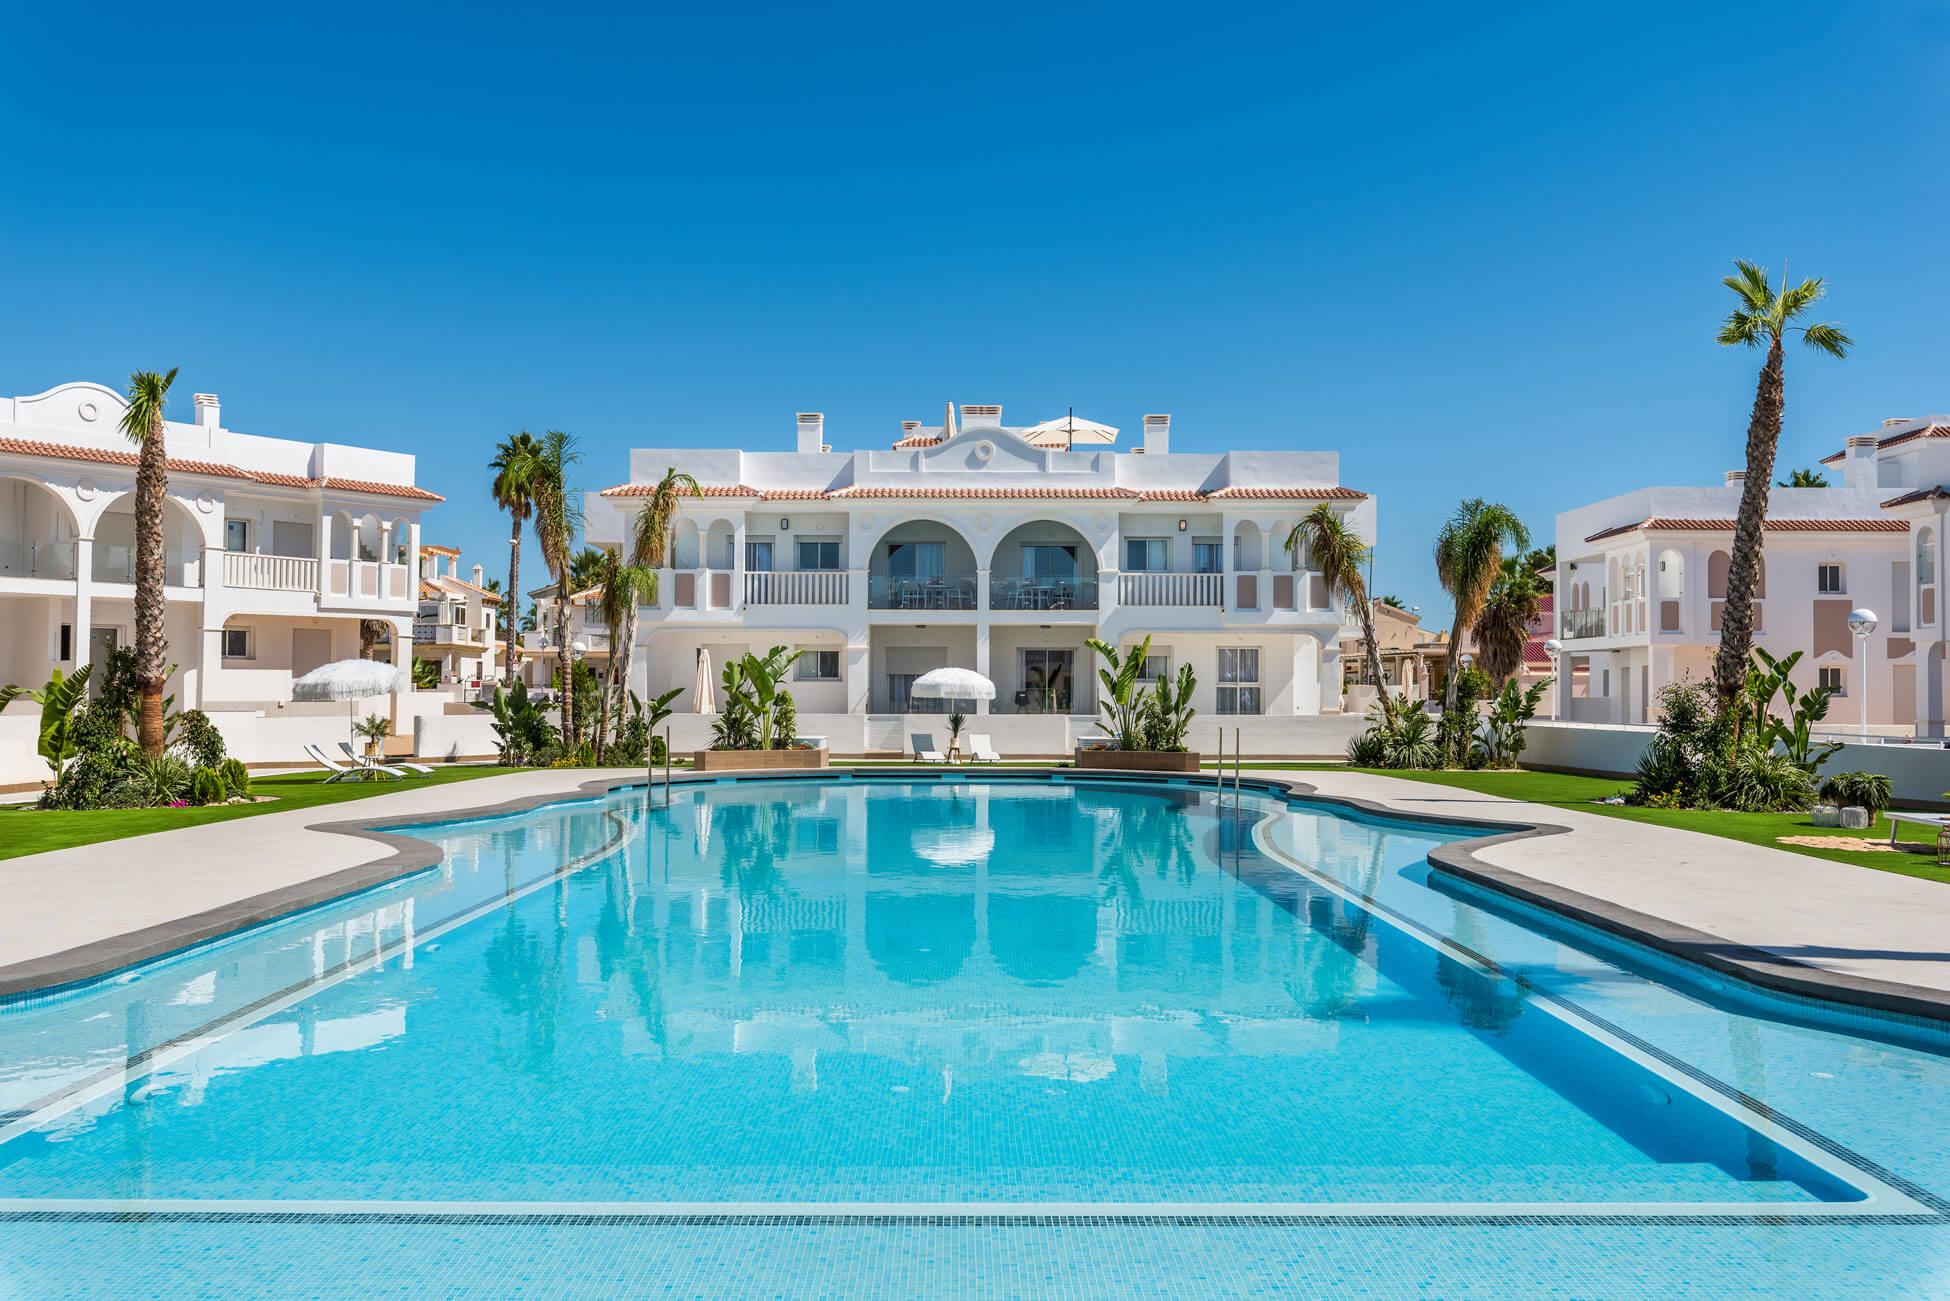 Védett: Nyaraló a spanyol tengerparton? Az álom most valósággá válhat!